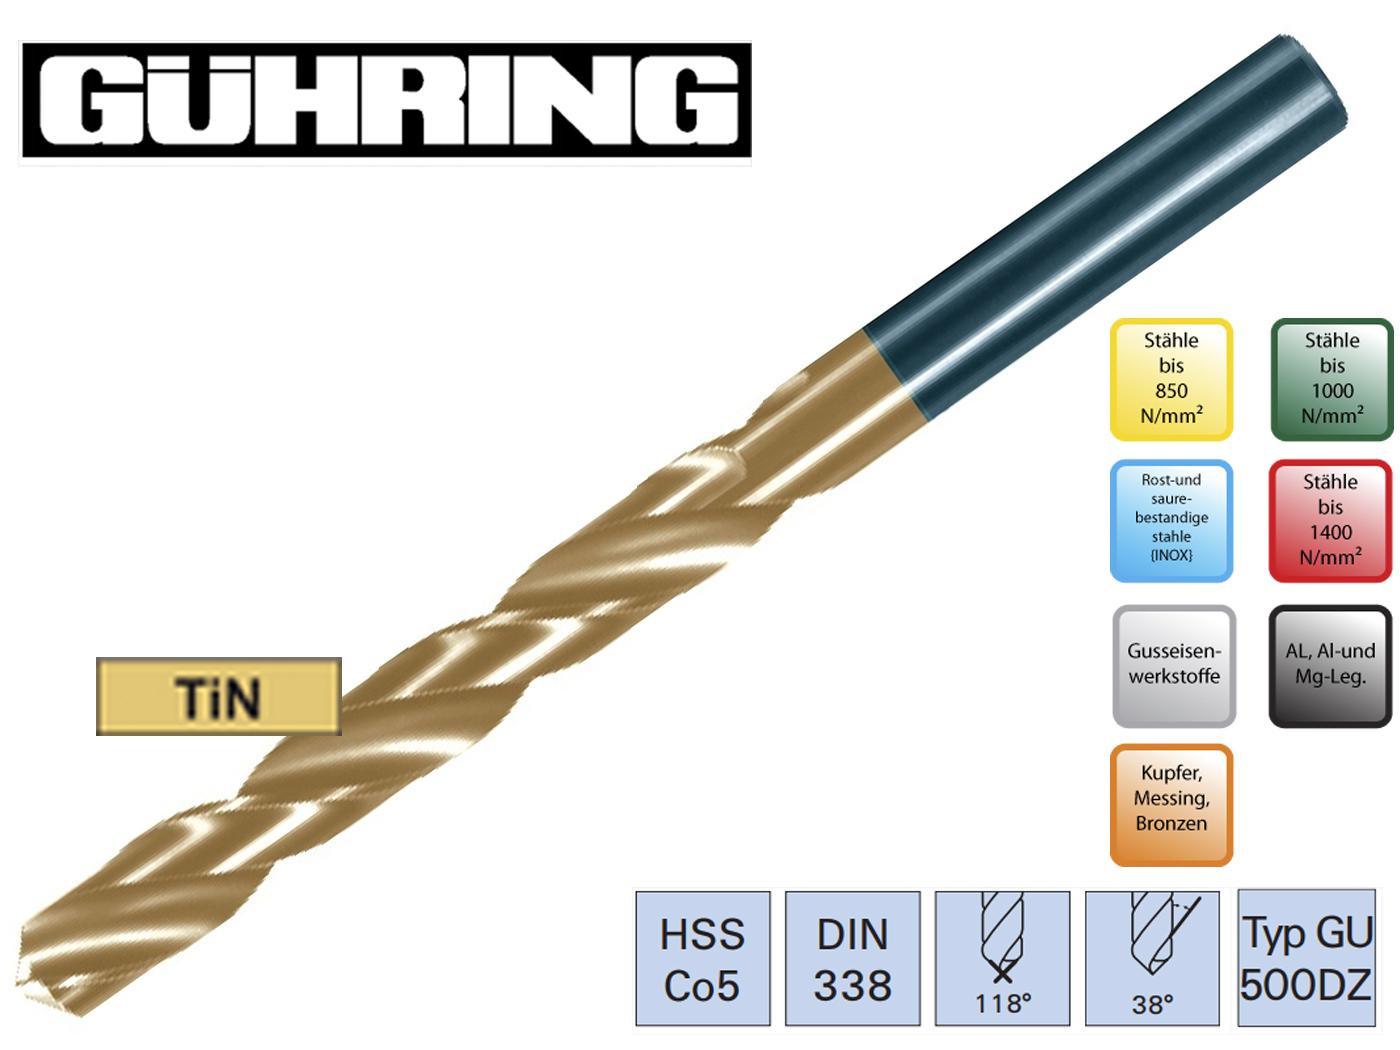 Spiraalboor DIN 338 GU 500DZ HSSECo5 Guhring | DKMTools - DKM Tools